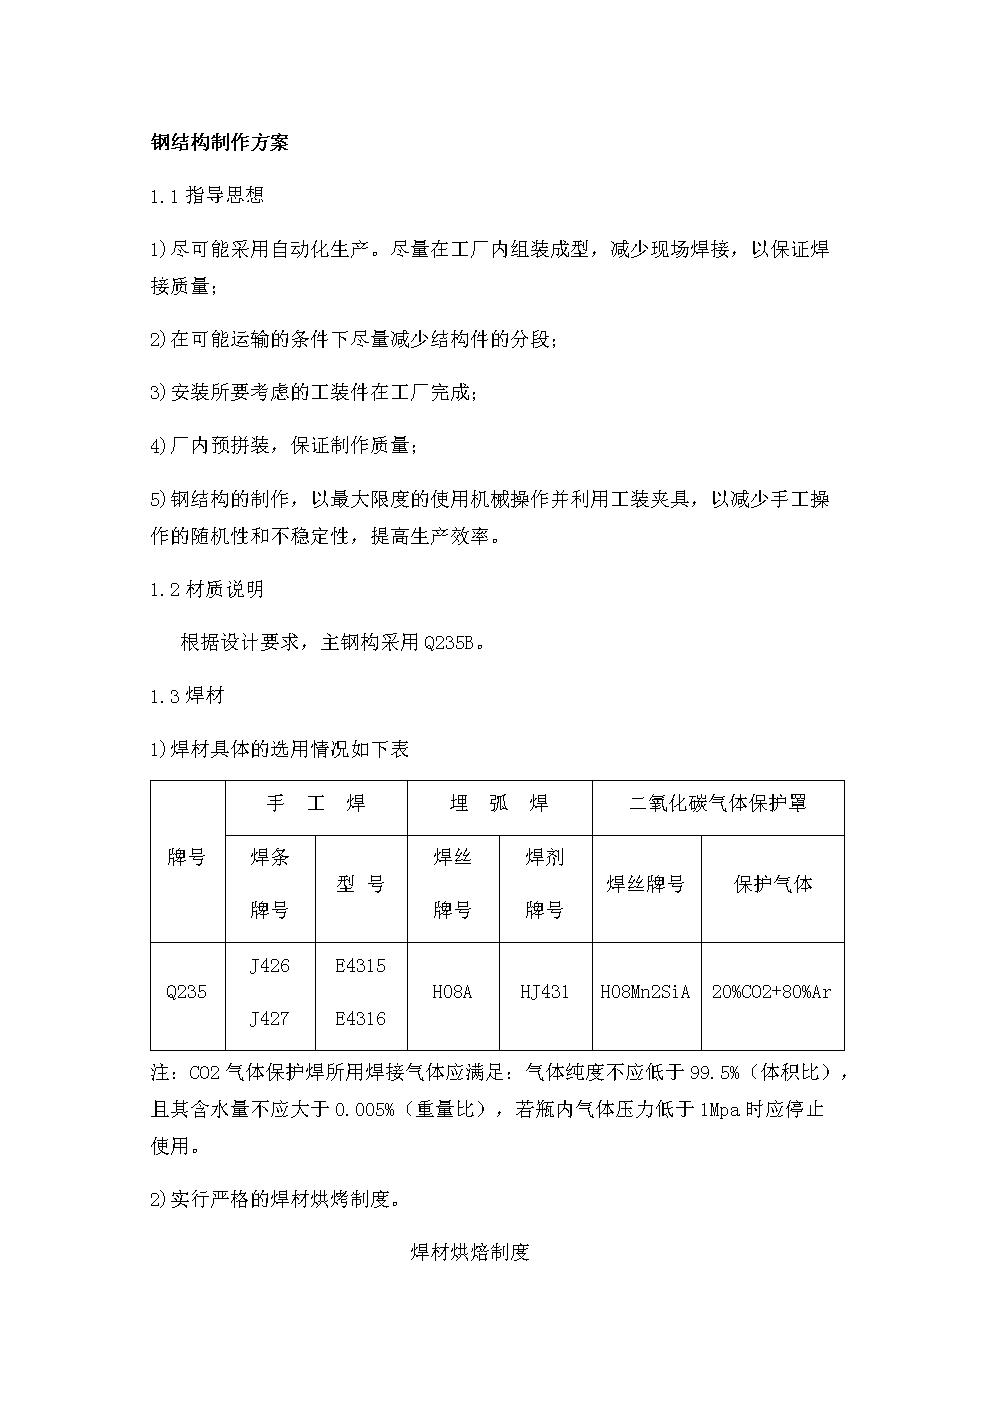 钢结构制作方案x.docx